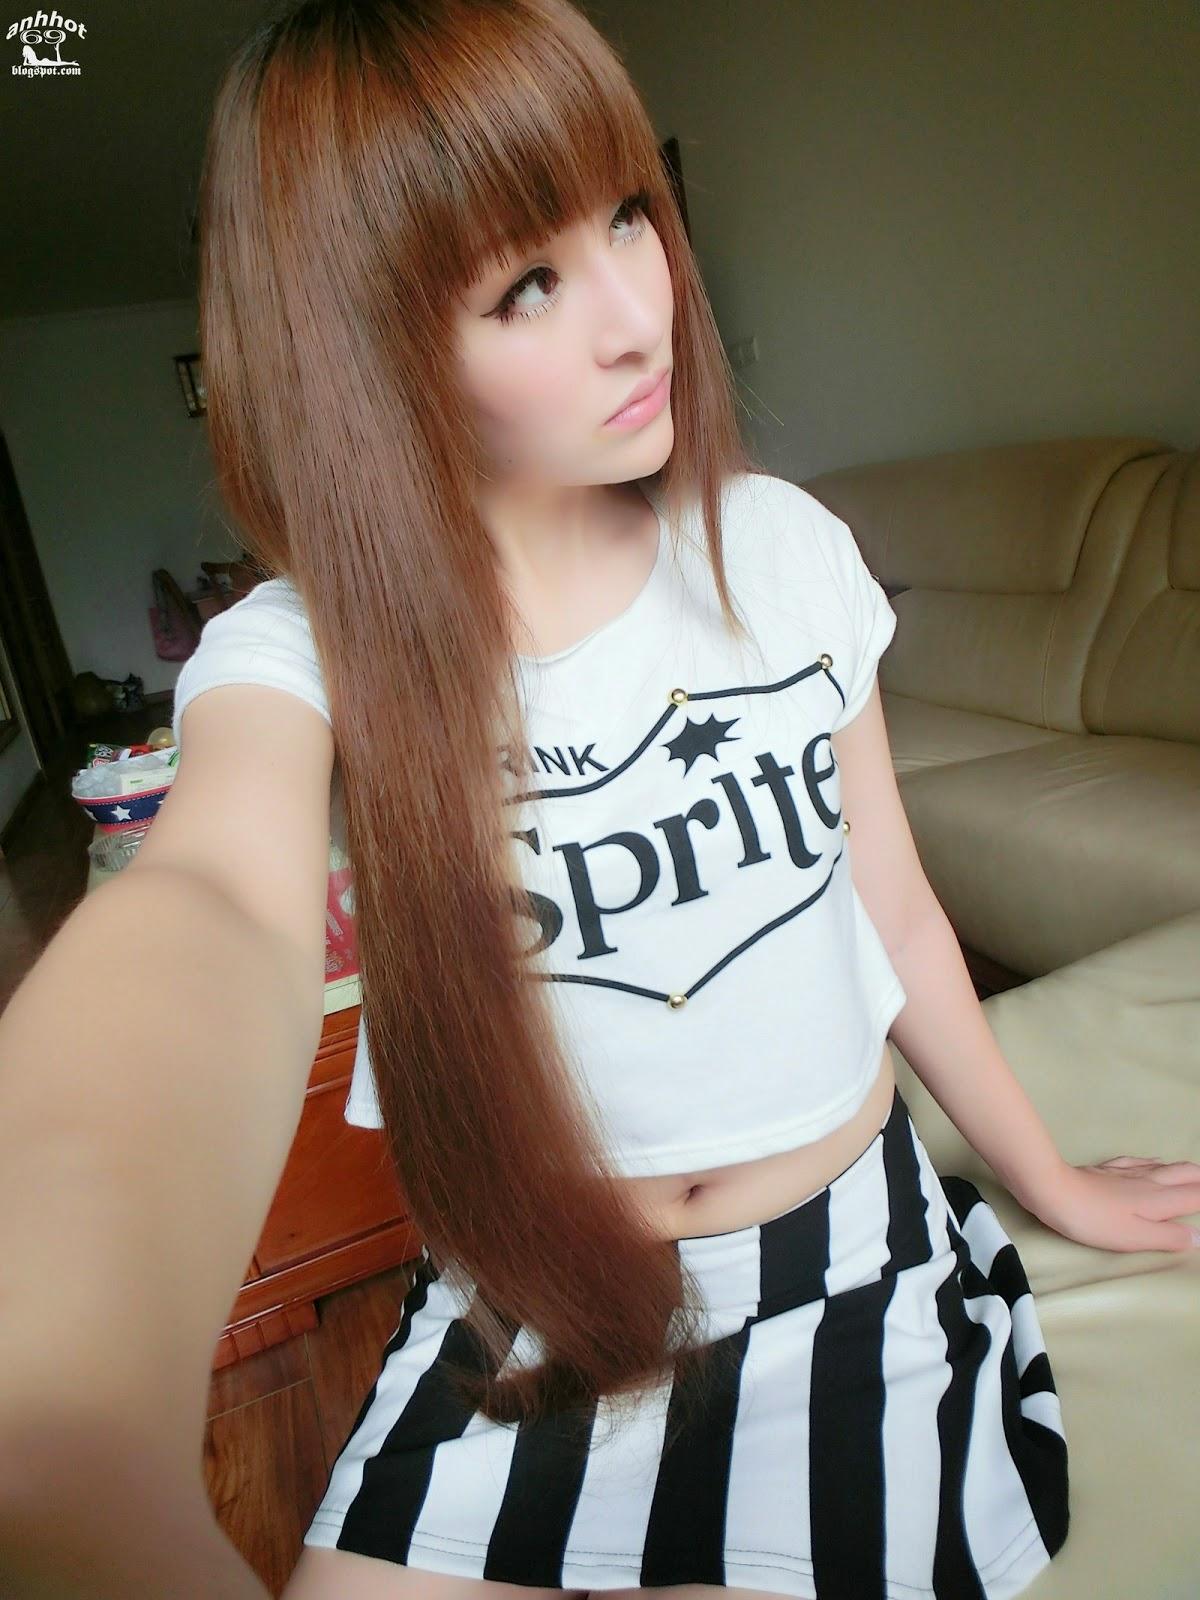 Suxia_h5_117491691094969c4ao